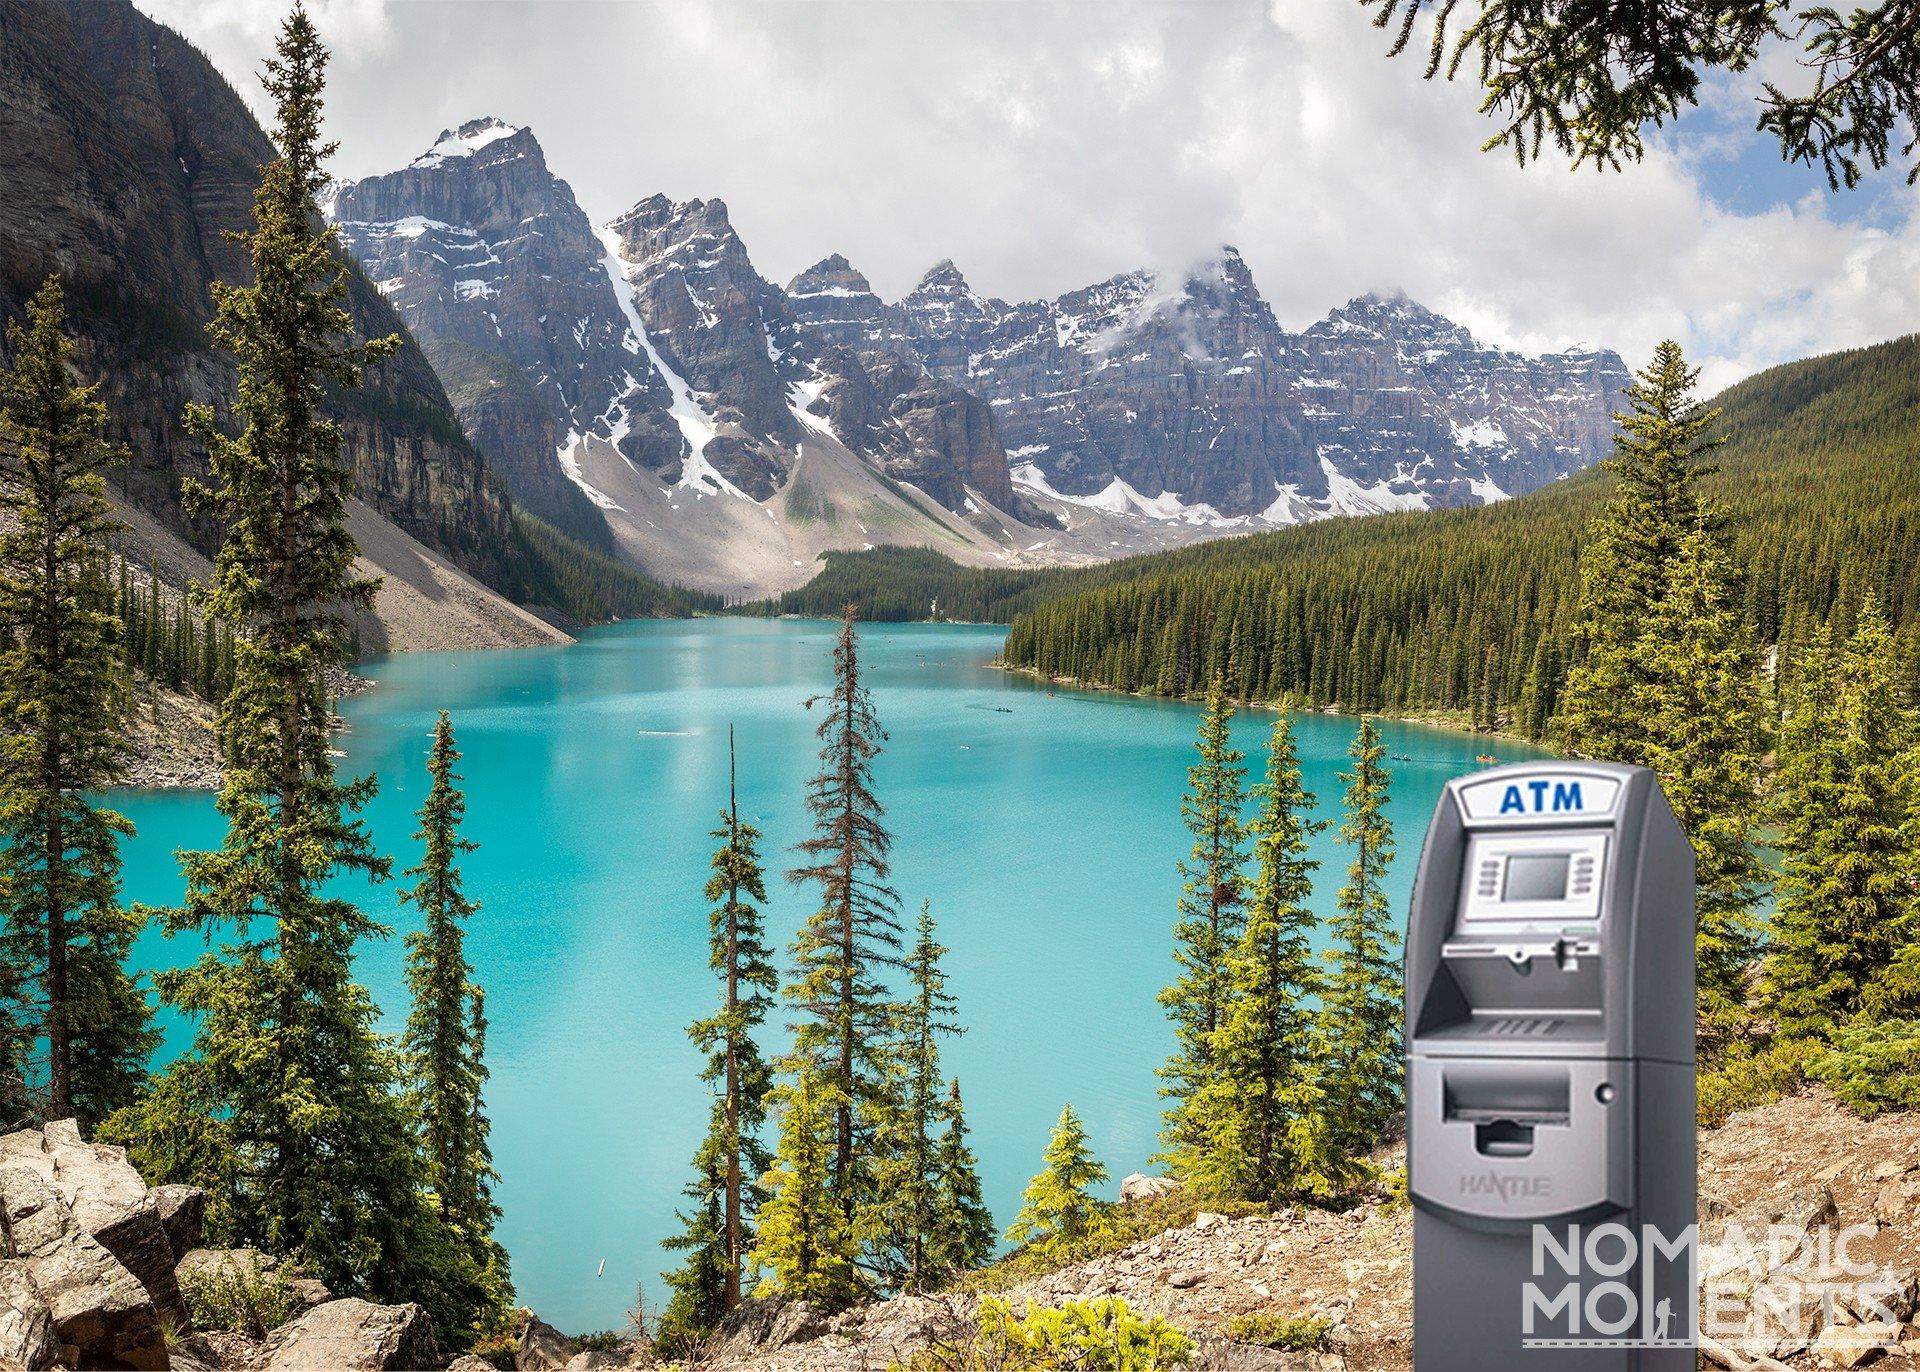 ATM-Moraine